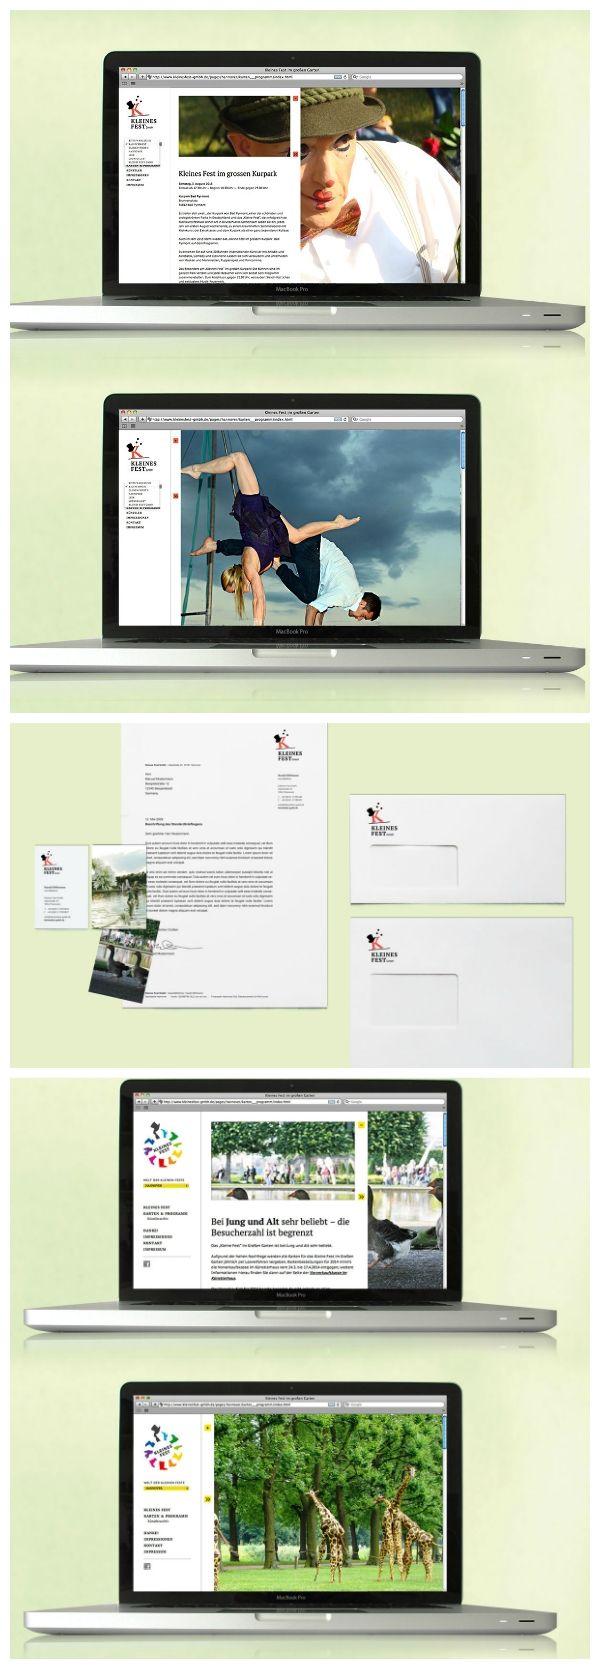 Kleines Fest im Großen Garten Corporate Design und Internetauftritt 2013